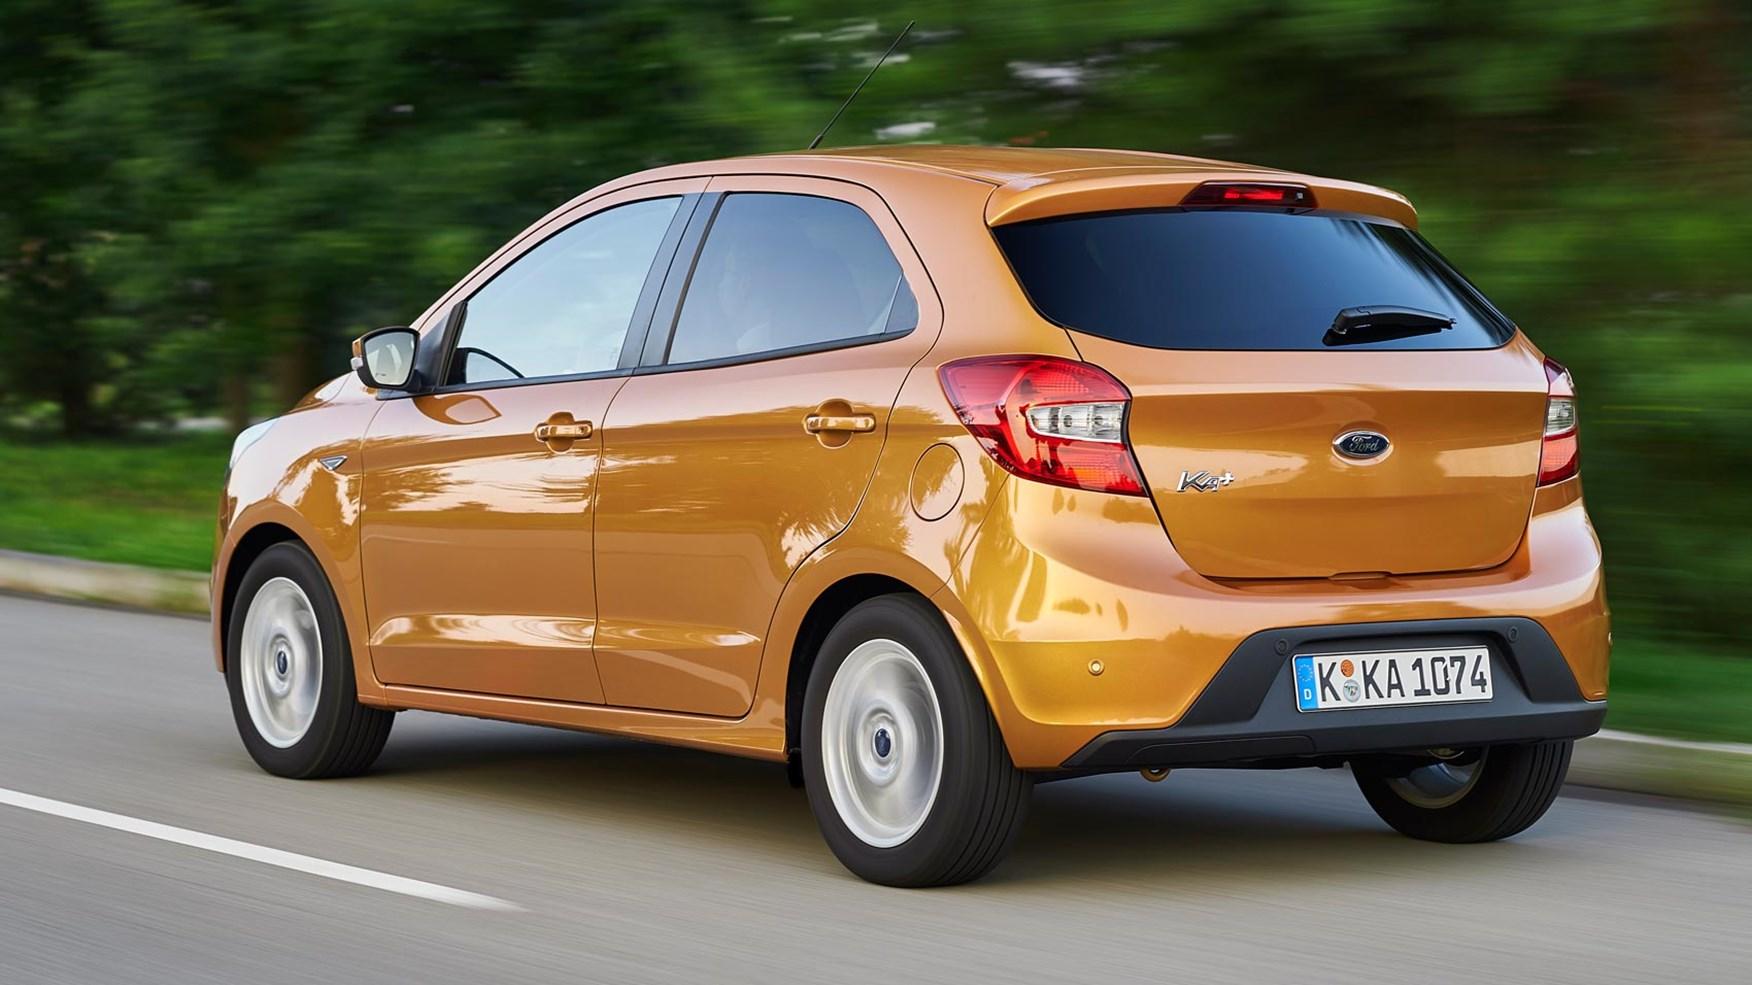 Image Result For Ford Ka On Finance